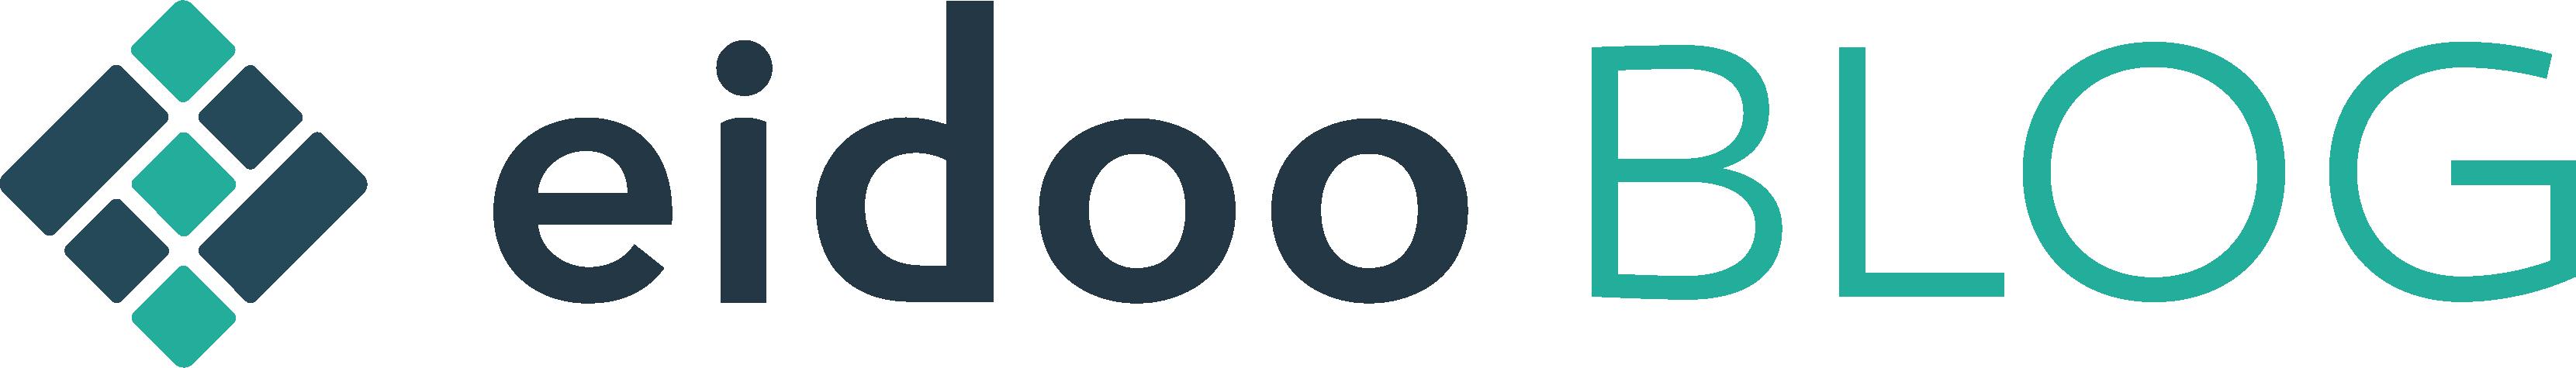 Eidoo Blog